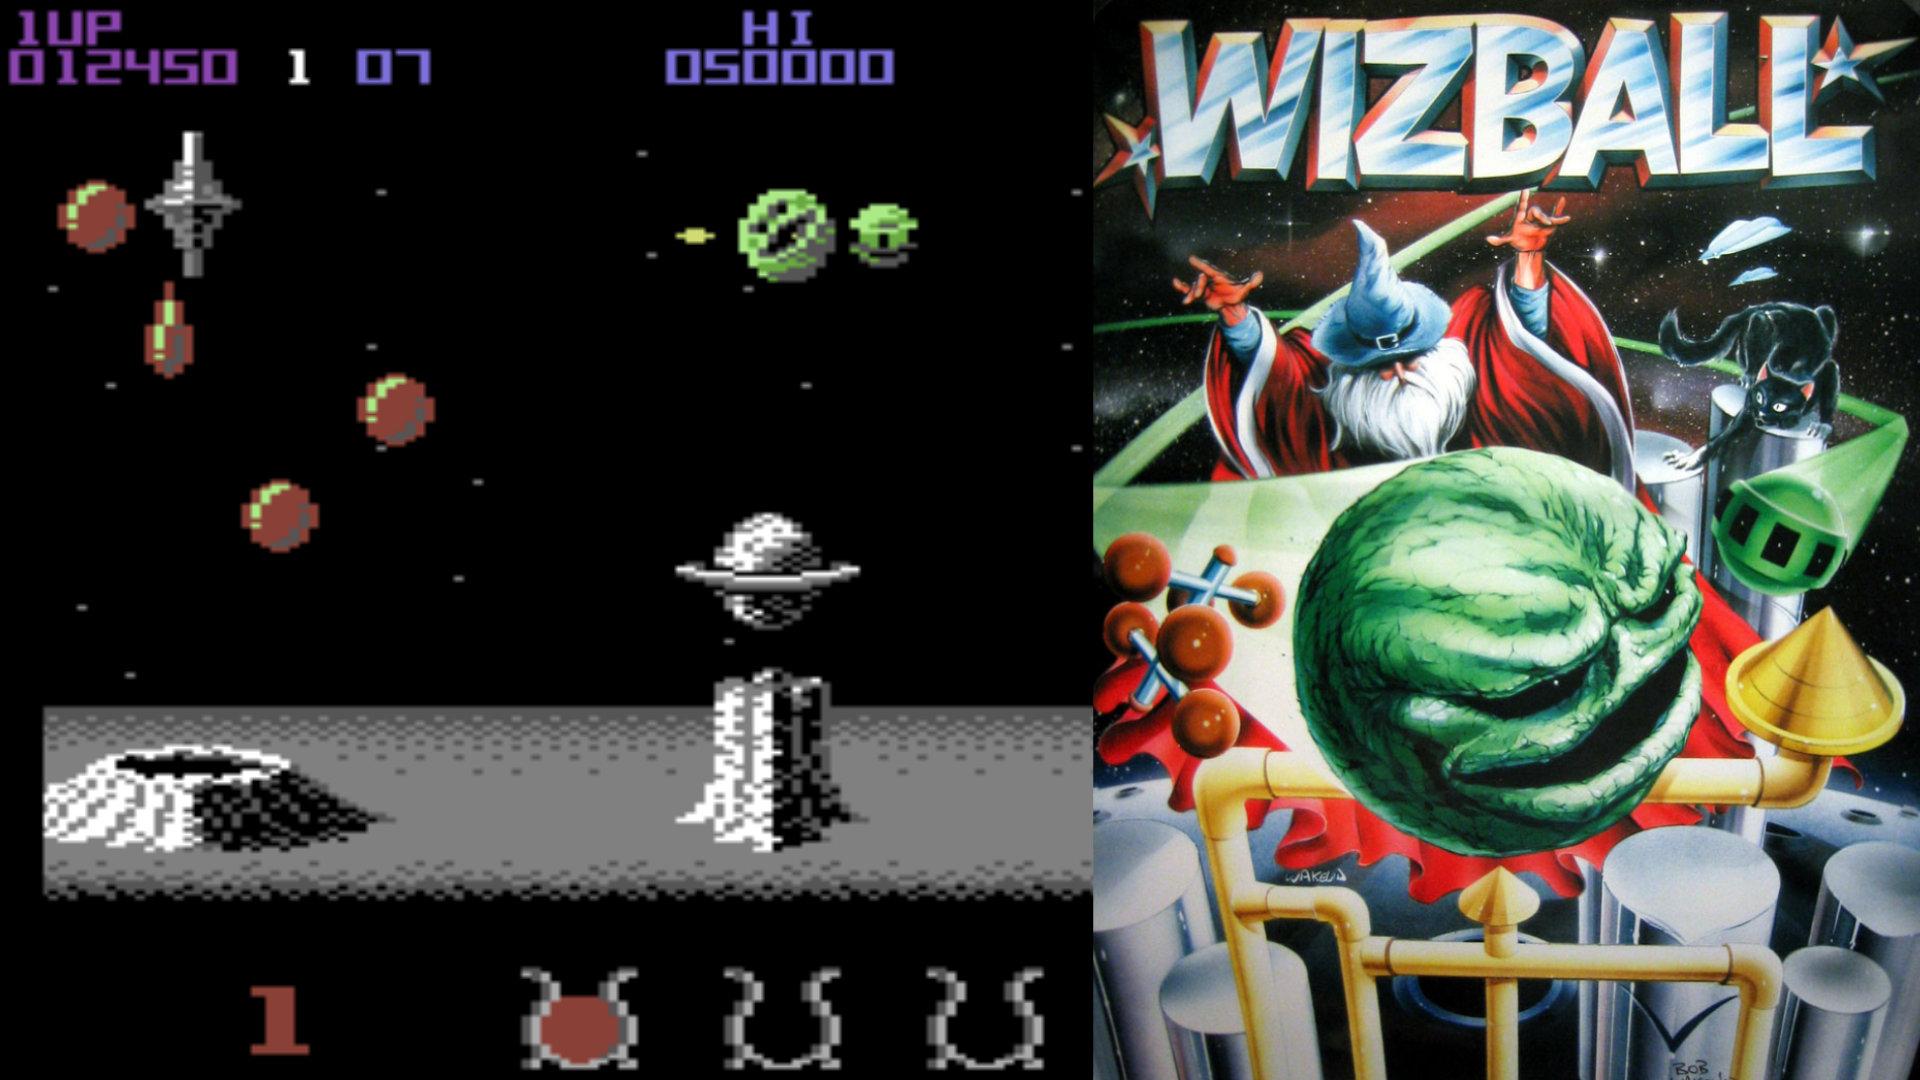 Ausgerechnet Lizenzgigant Ocean Software verzaubert die Spielebranche mit dem charmanten Wizball, die Geschichte von einem Magier und seiner getreuen Katze, die dem grauen Alltag die Farben wiederschenken. (Bild: Andreas Wanda)